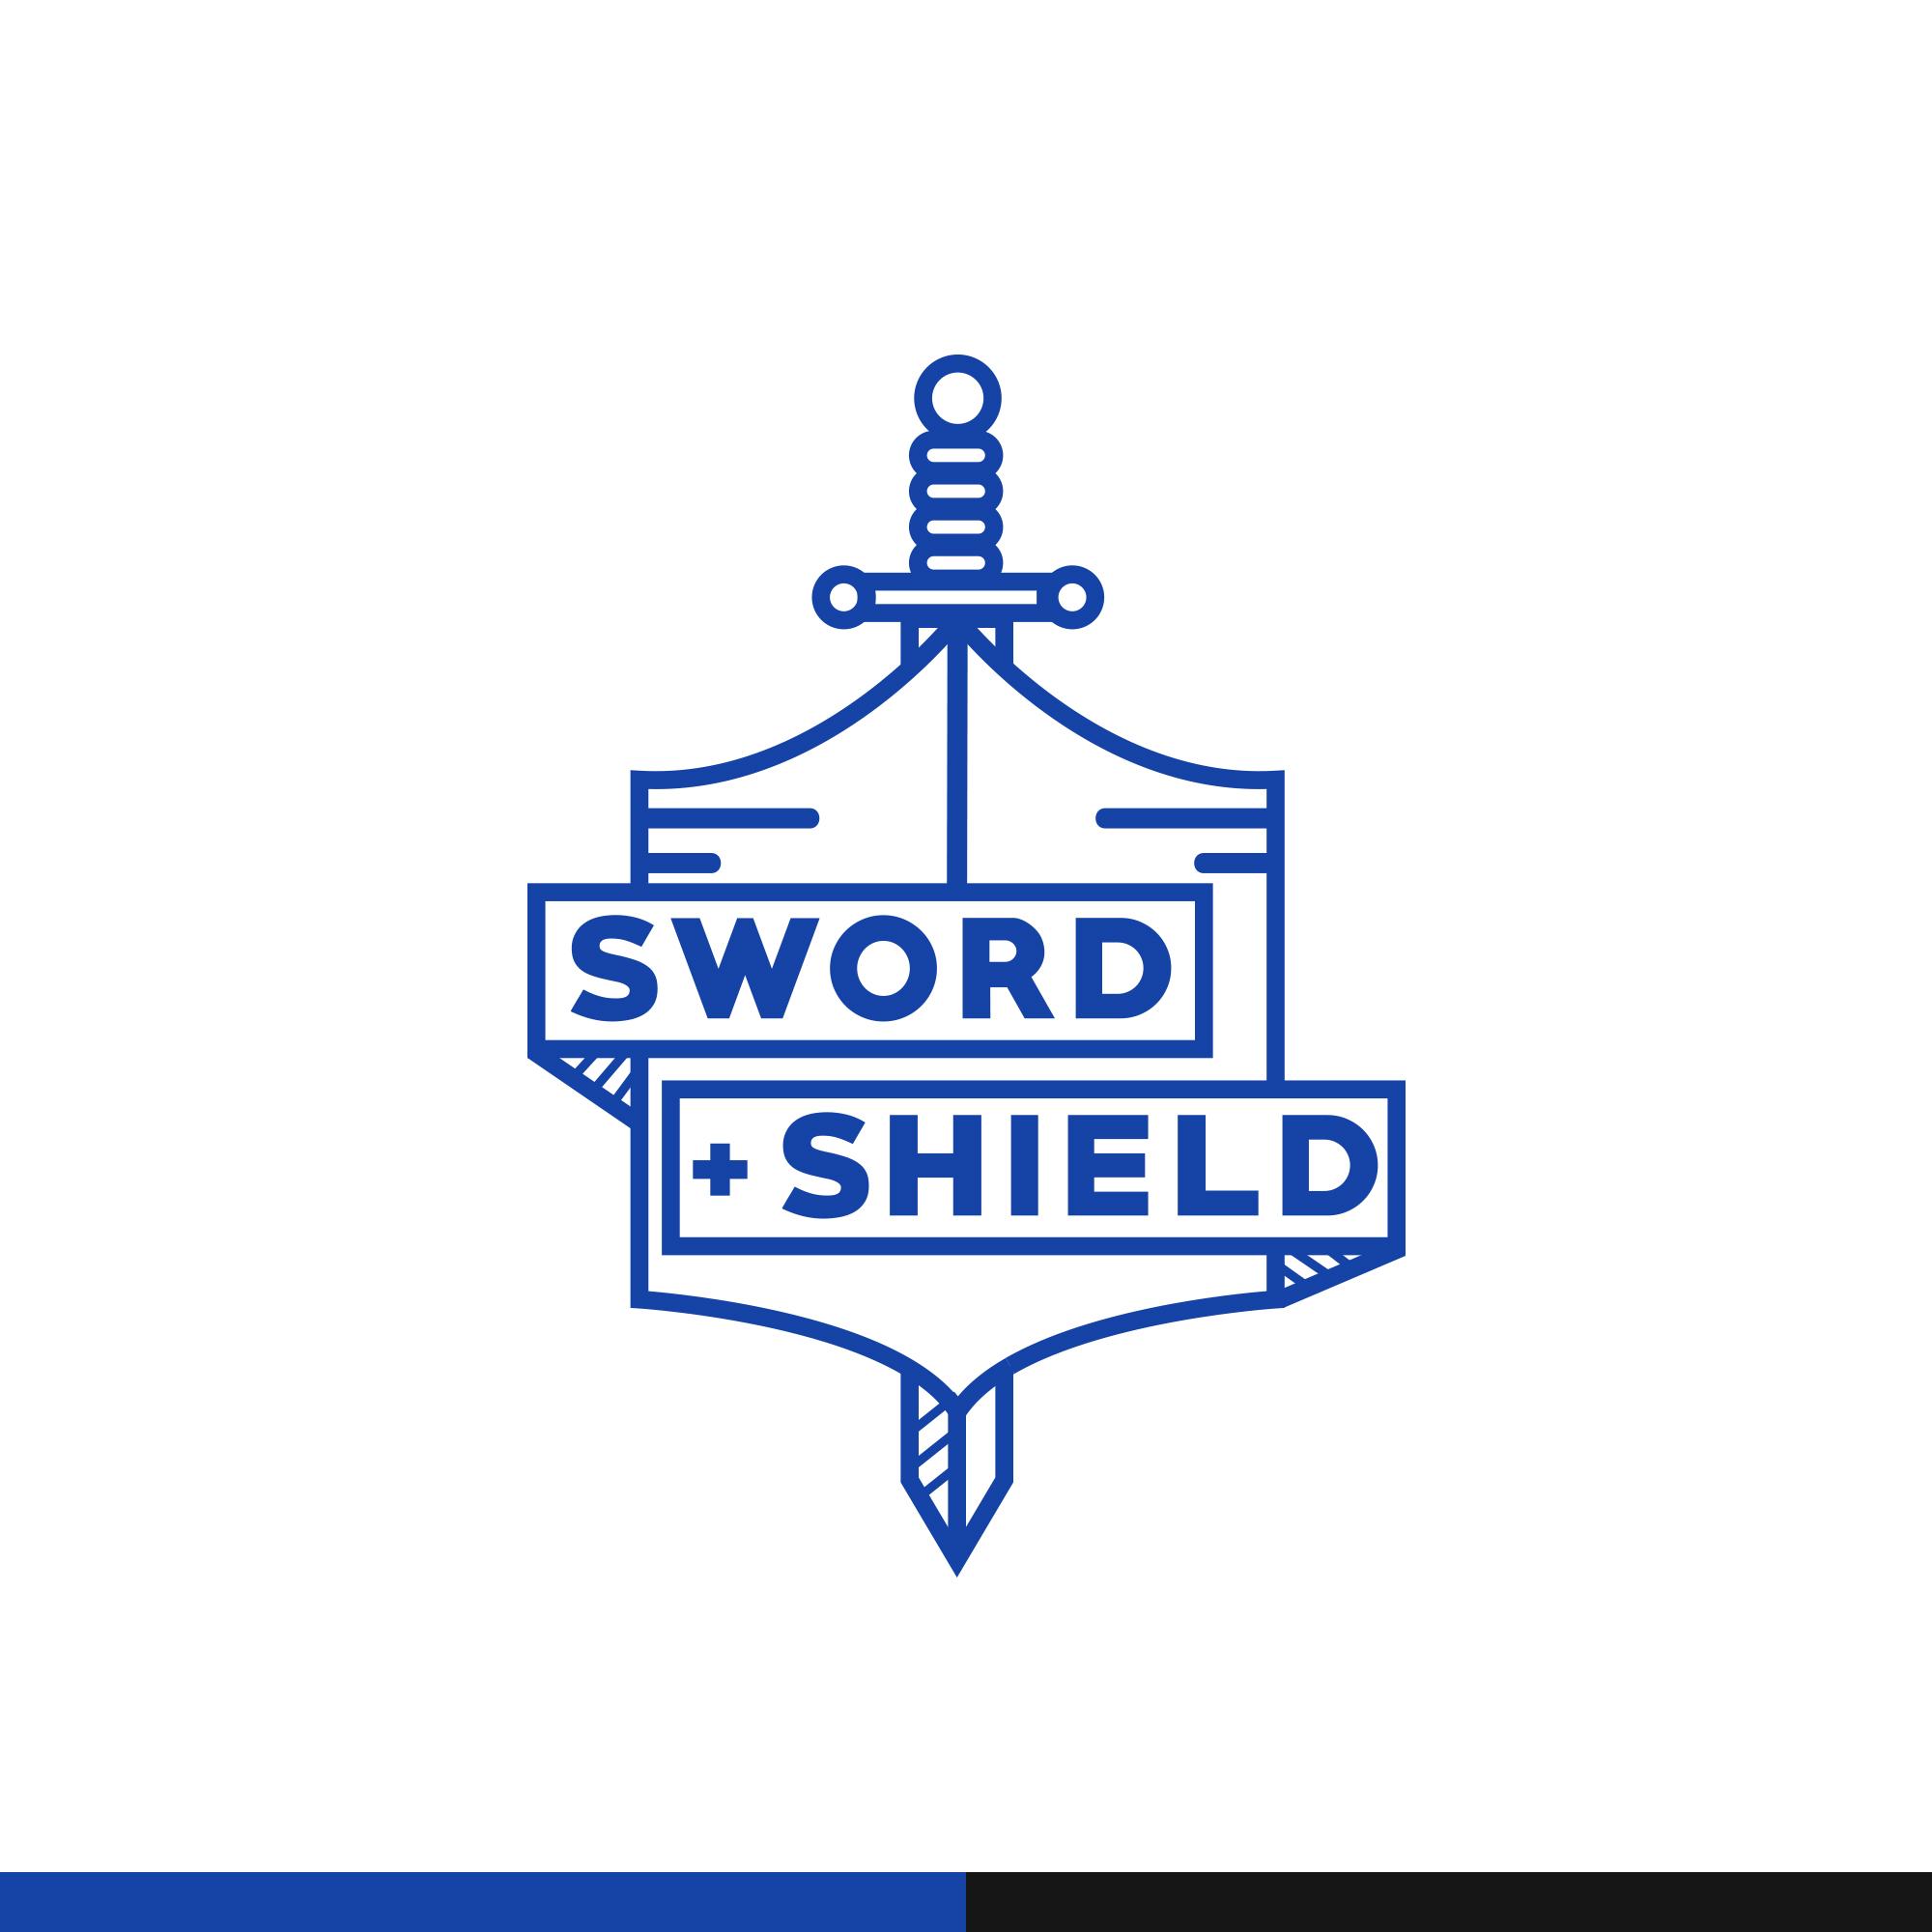 012 Sword + Shield-Color.jpg